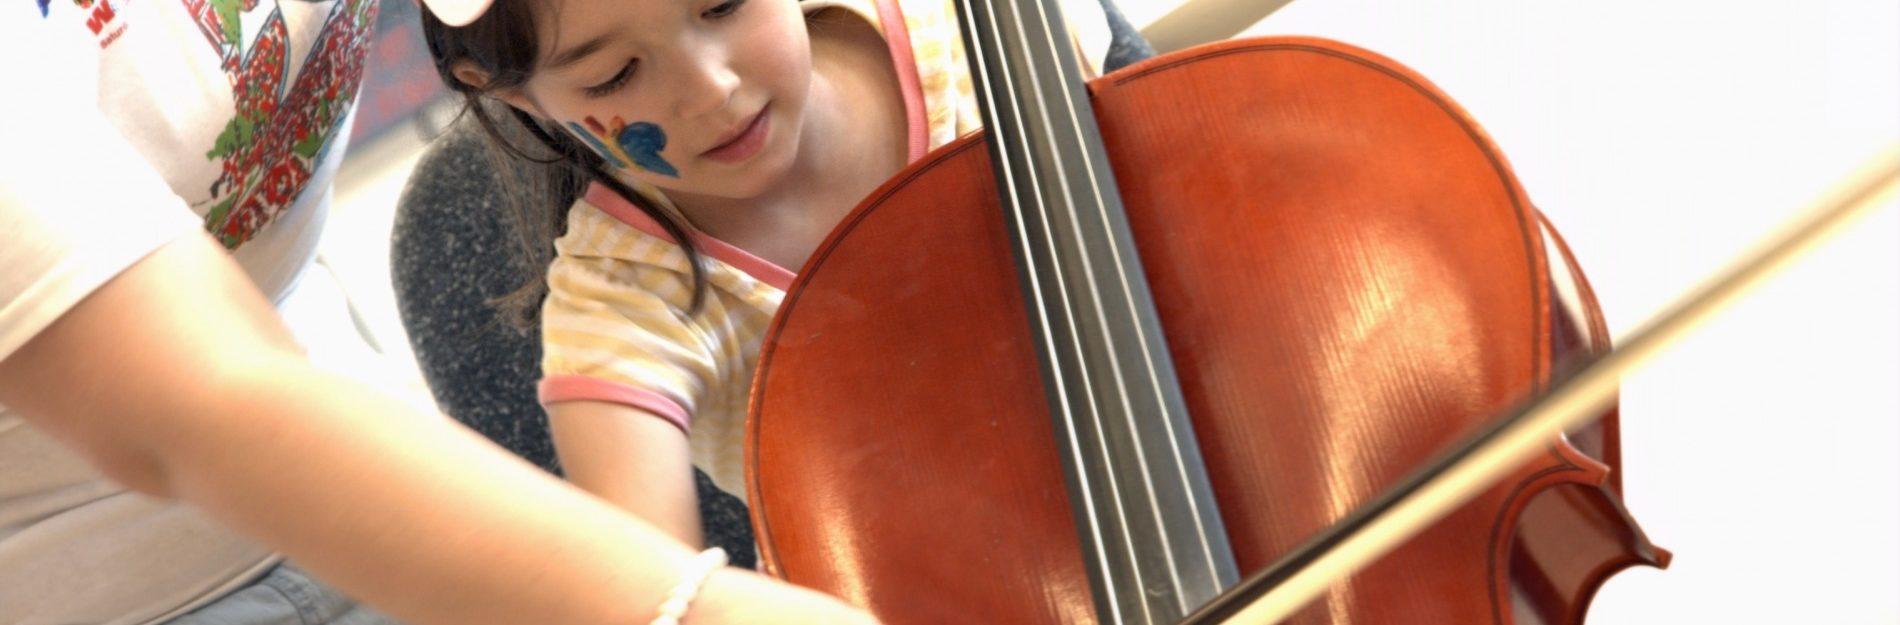 Wie bringe ich meinem Kind ein Musikinstrument näher?